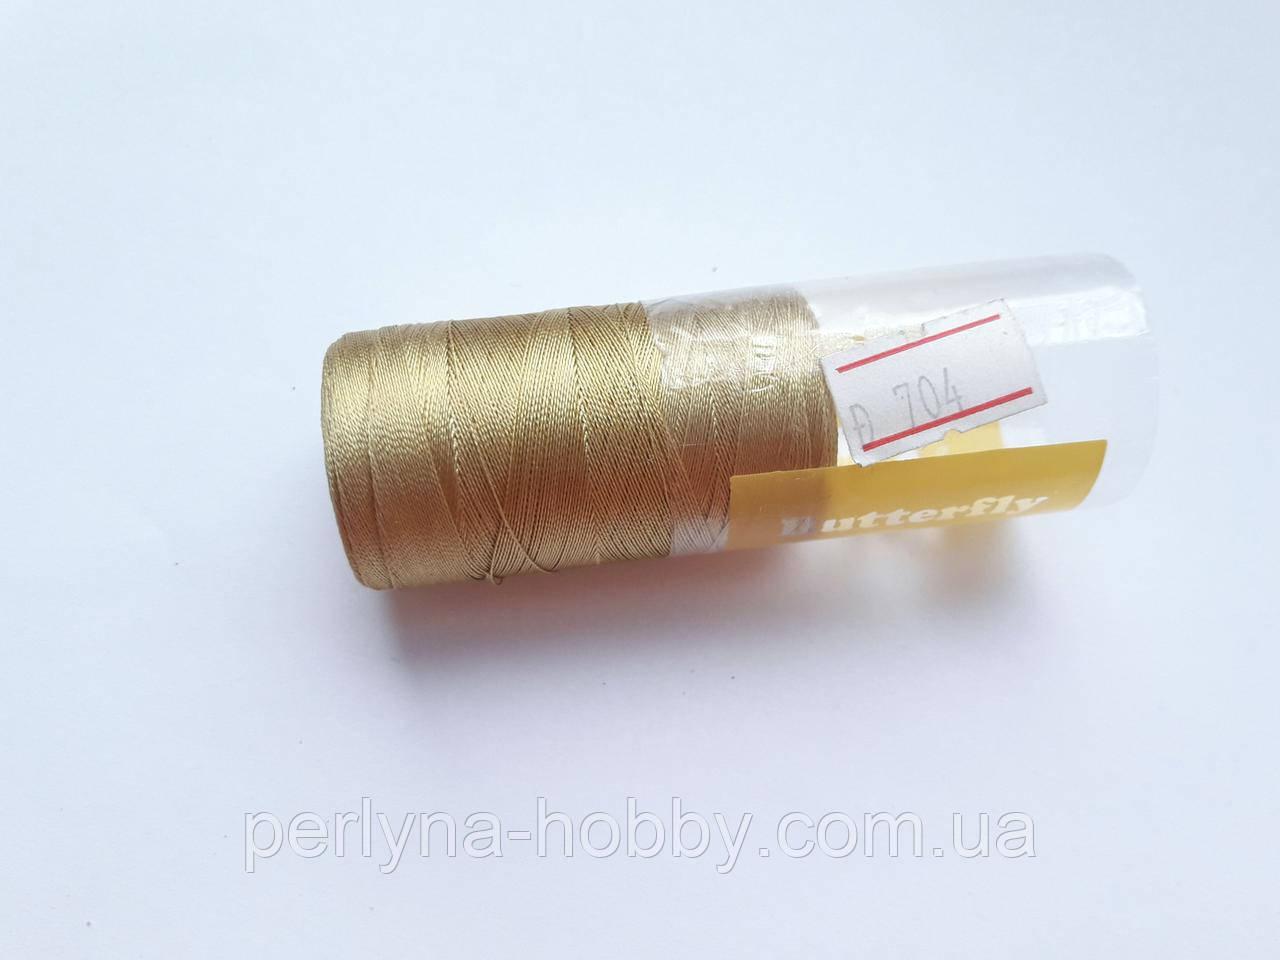 Нитки шелковые вискоза, для ручной и машинной вышивки, для серг-кисточек Індія.Золотистий . № 704